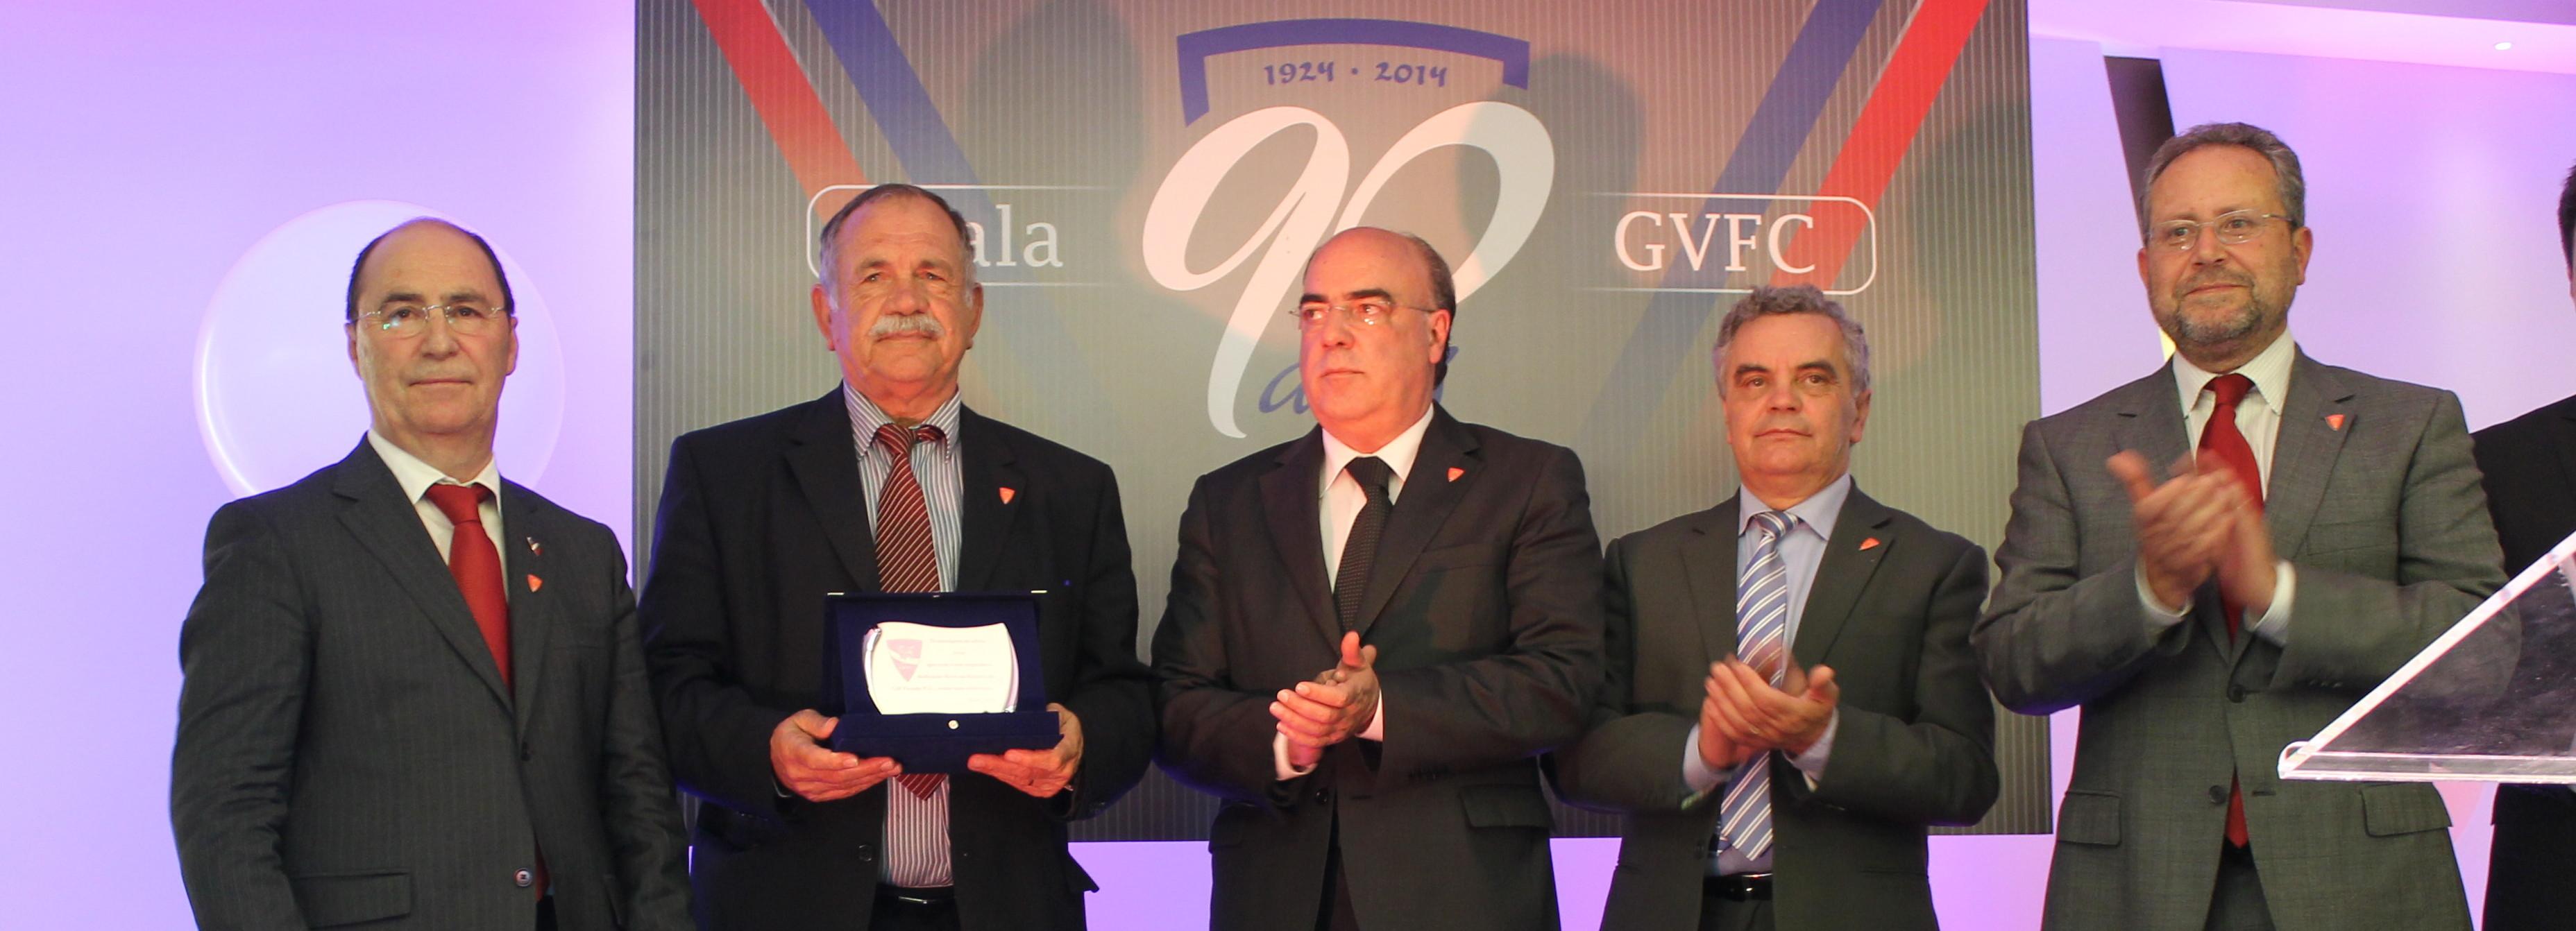 Câmara Municipal associa-se à celebração do 90.º aniversário do Gil Vicente FC